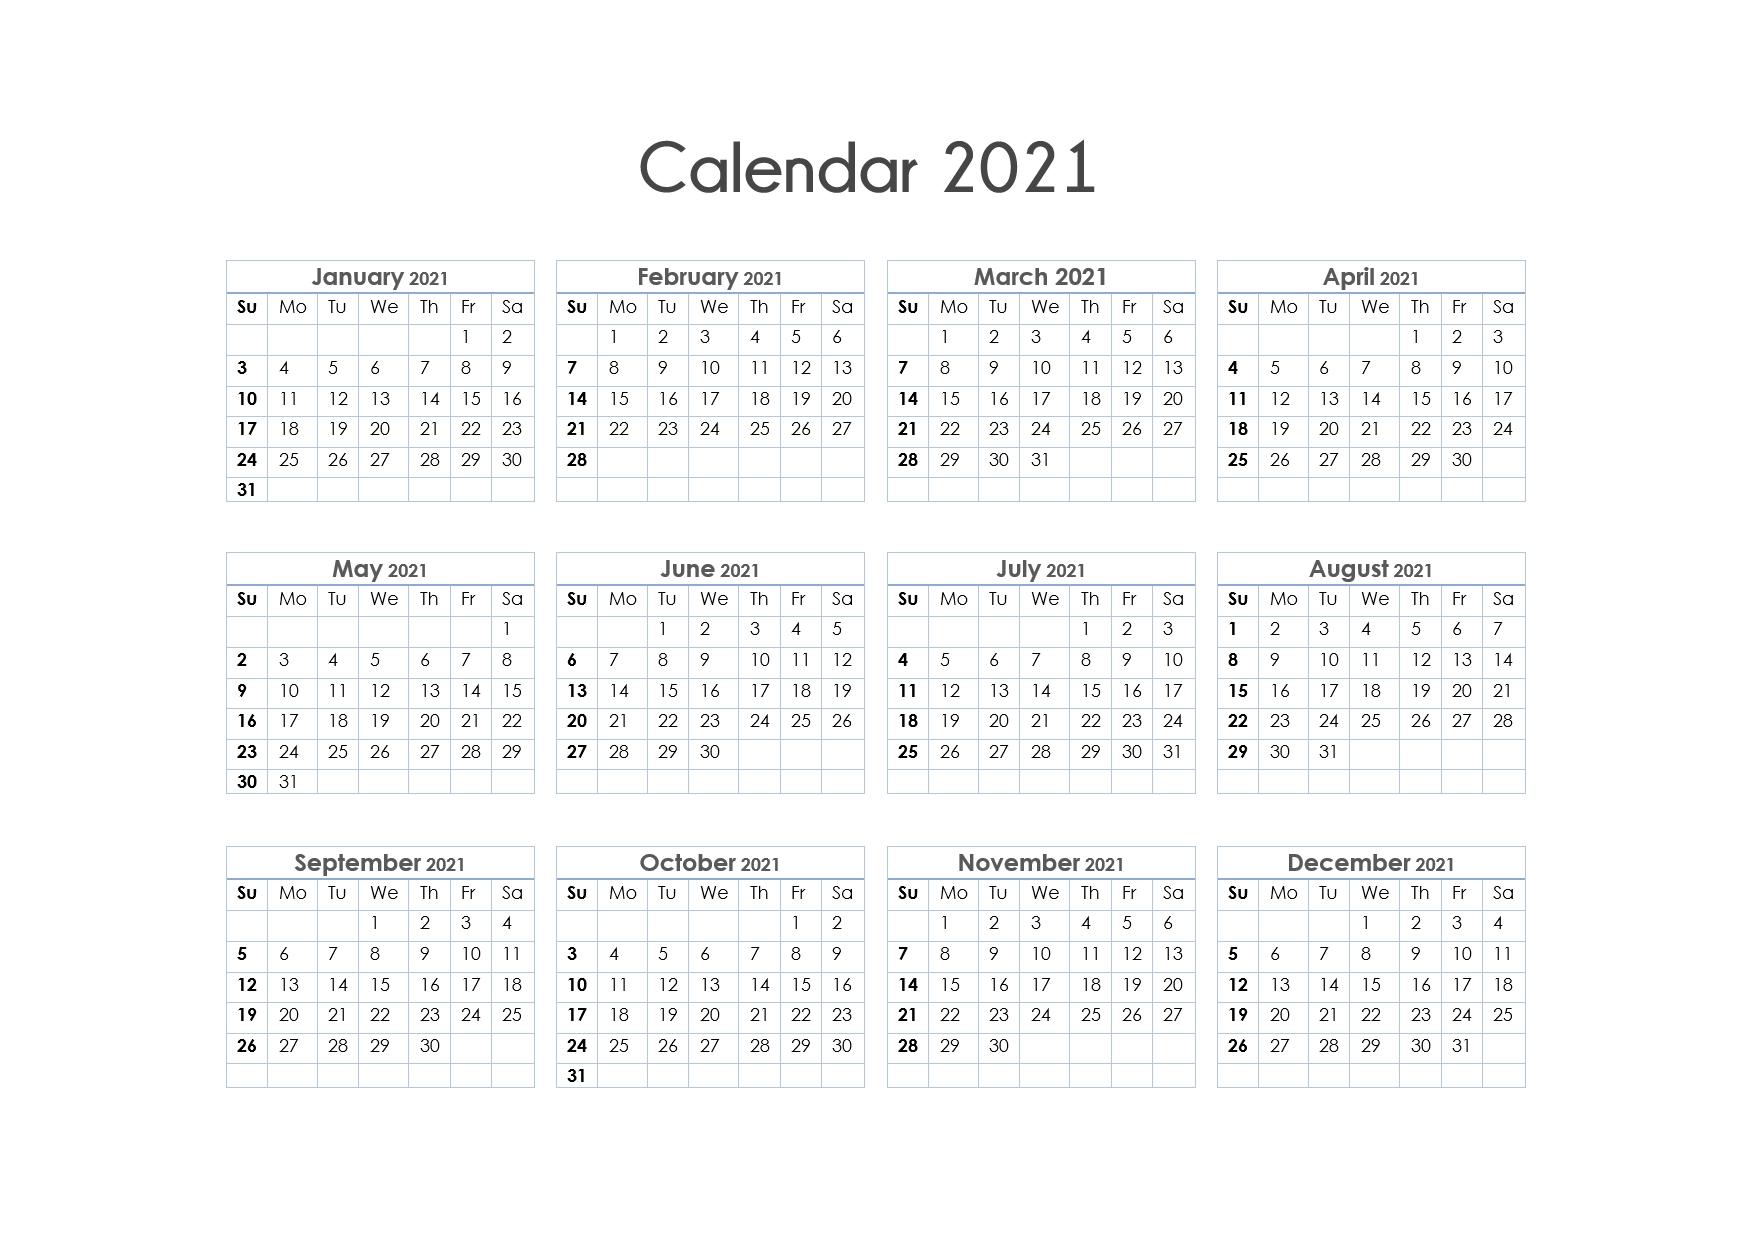 Free Printable Calendar Year 2021 | Month Calendar Printable intended for Free 3 Month Calendar One Page 2021